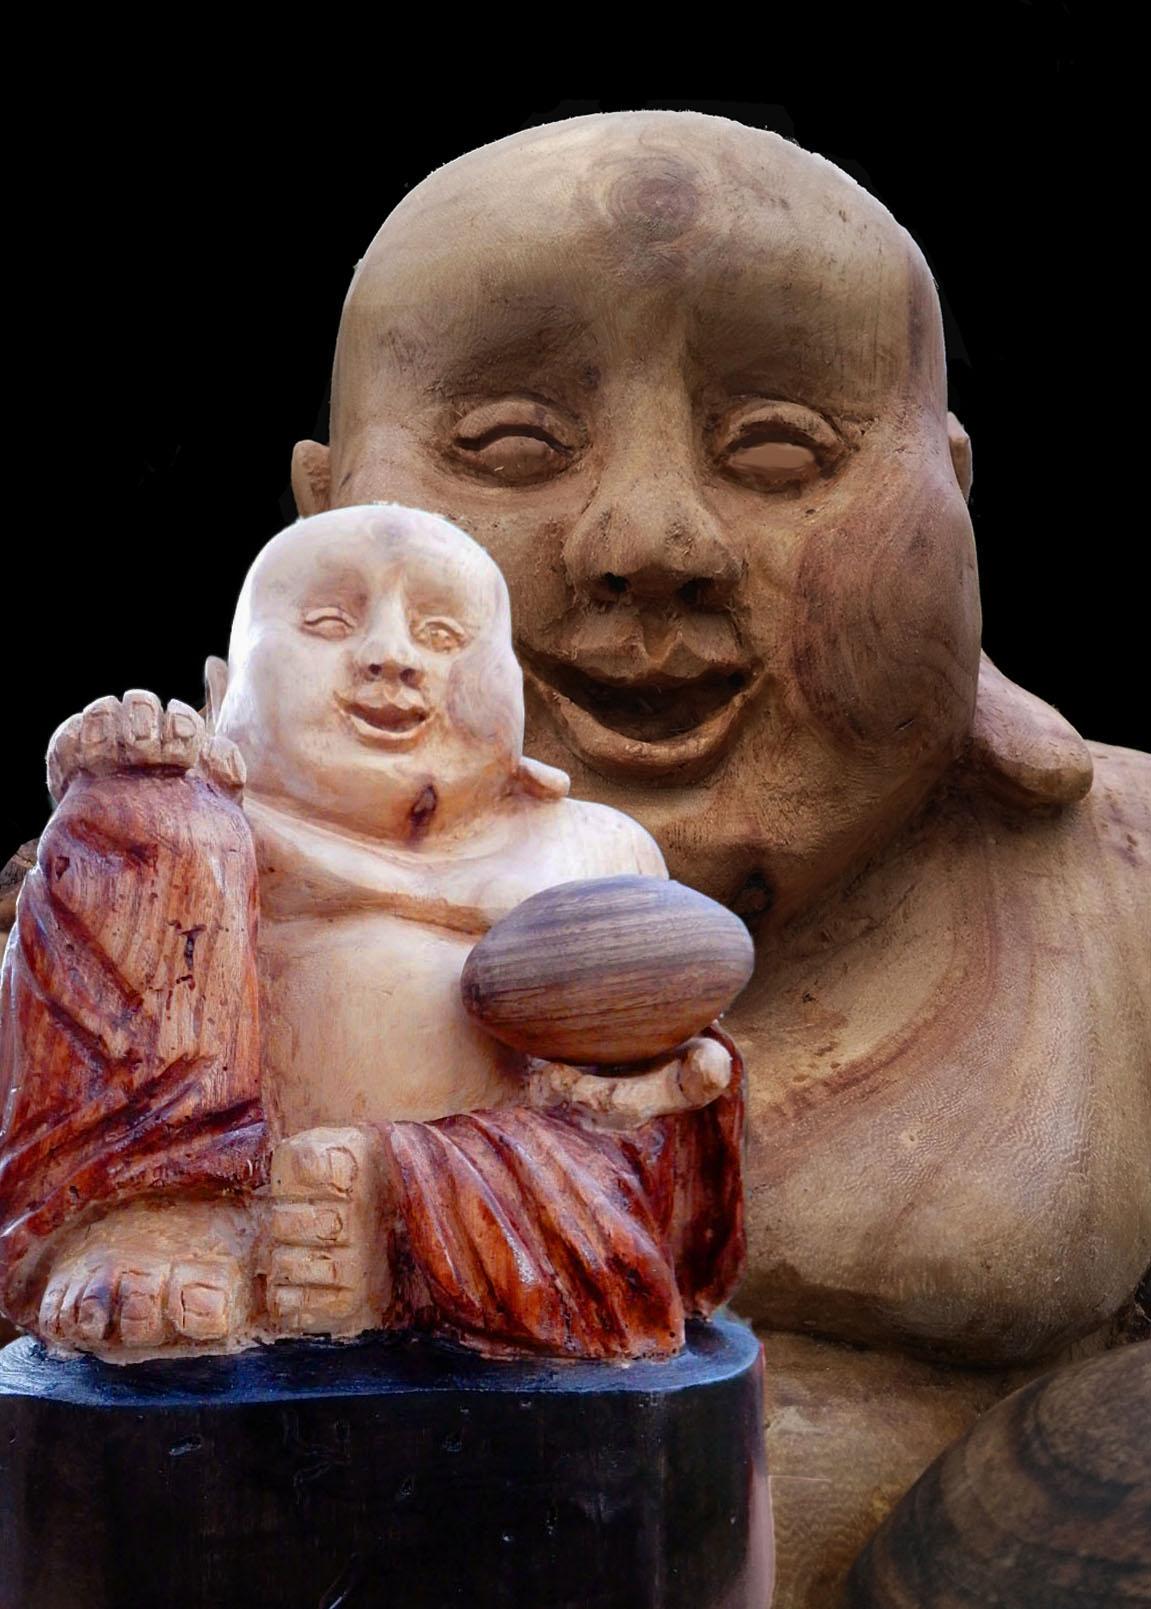 Le bouddha rugbyman (1).jpg